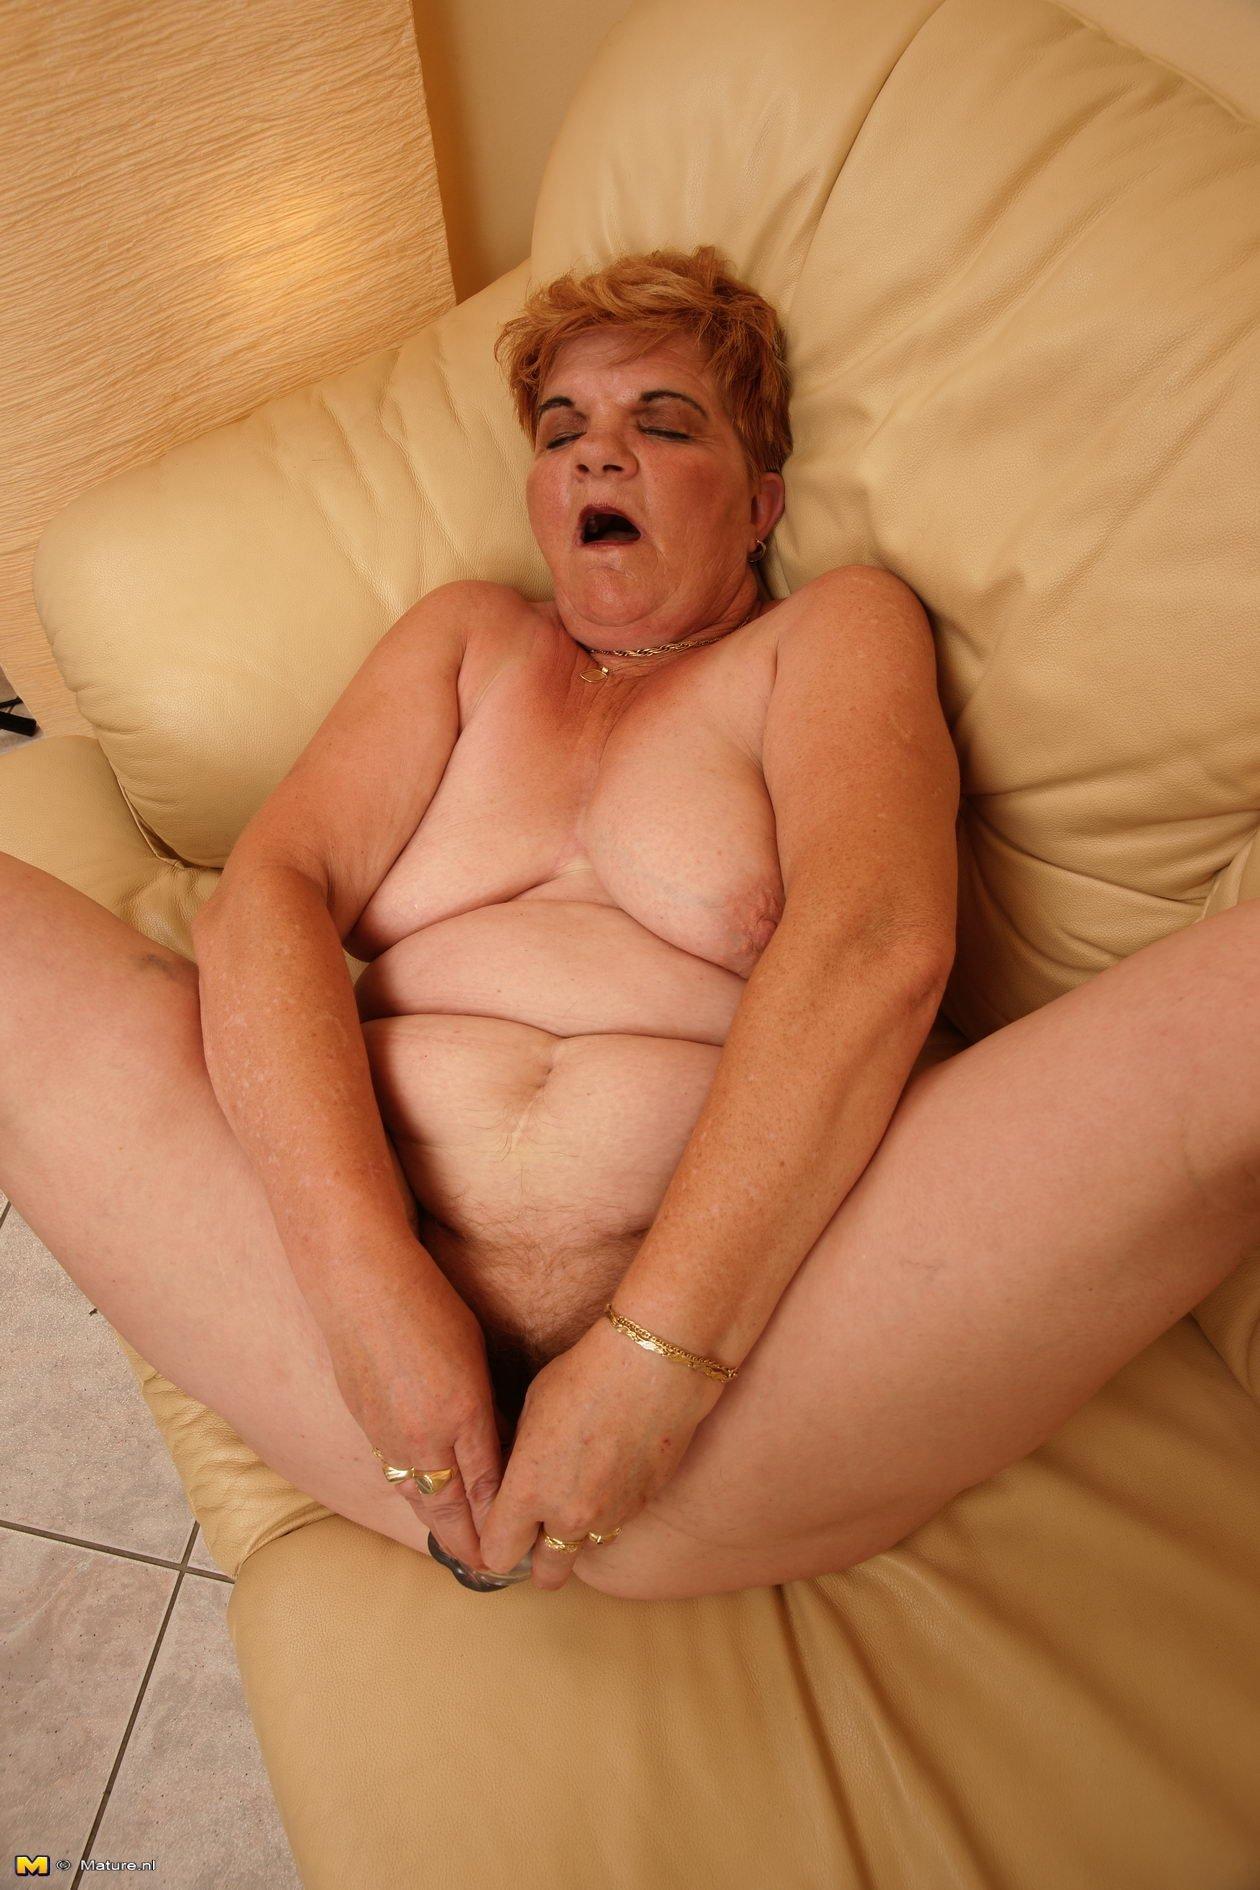 Пьяная старуха понюхала свои трусы и засунула в рыжую пиздень дилдо